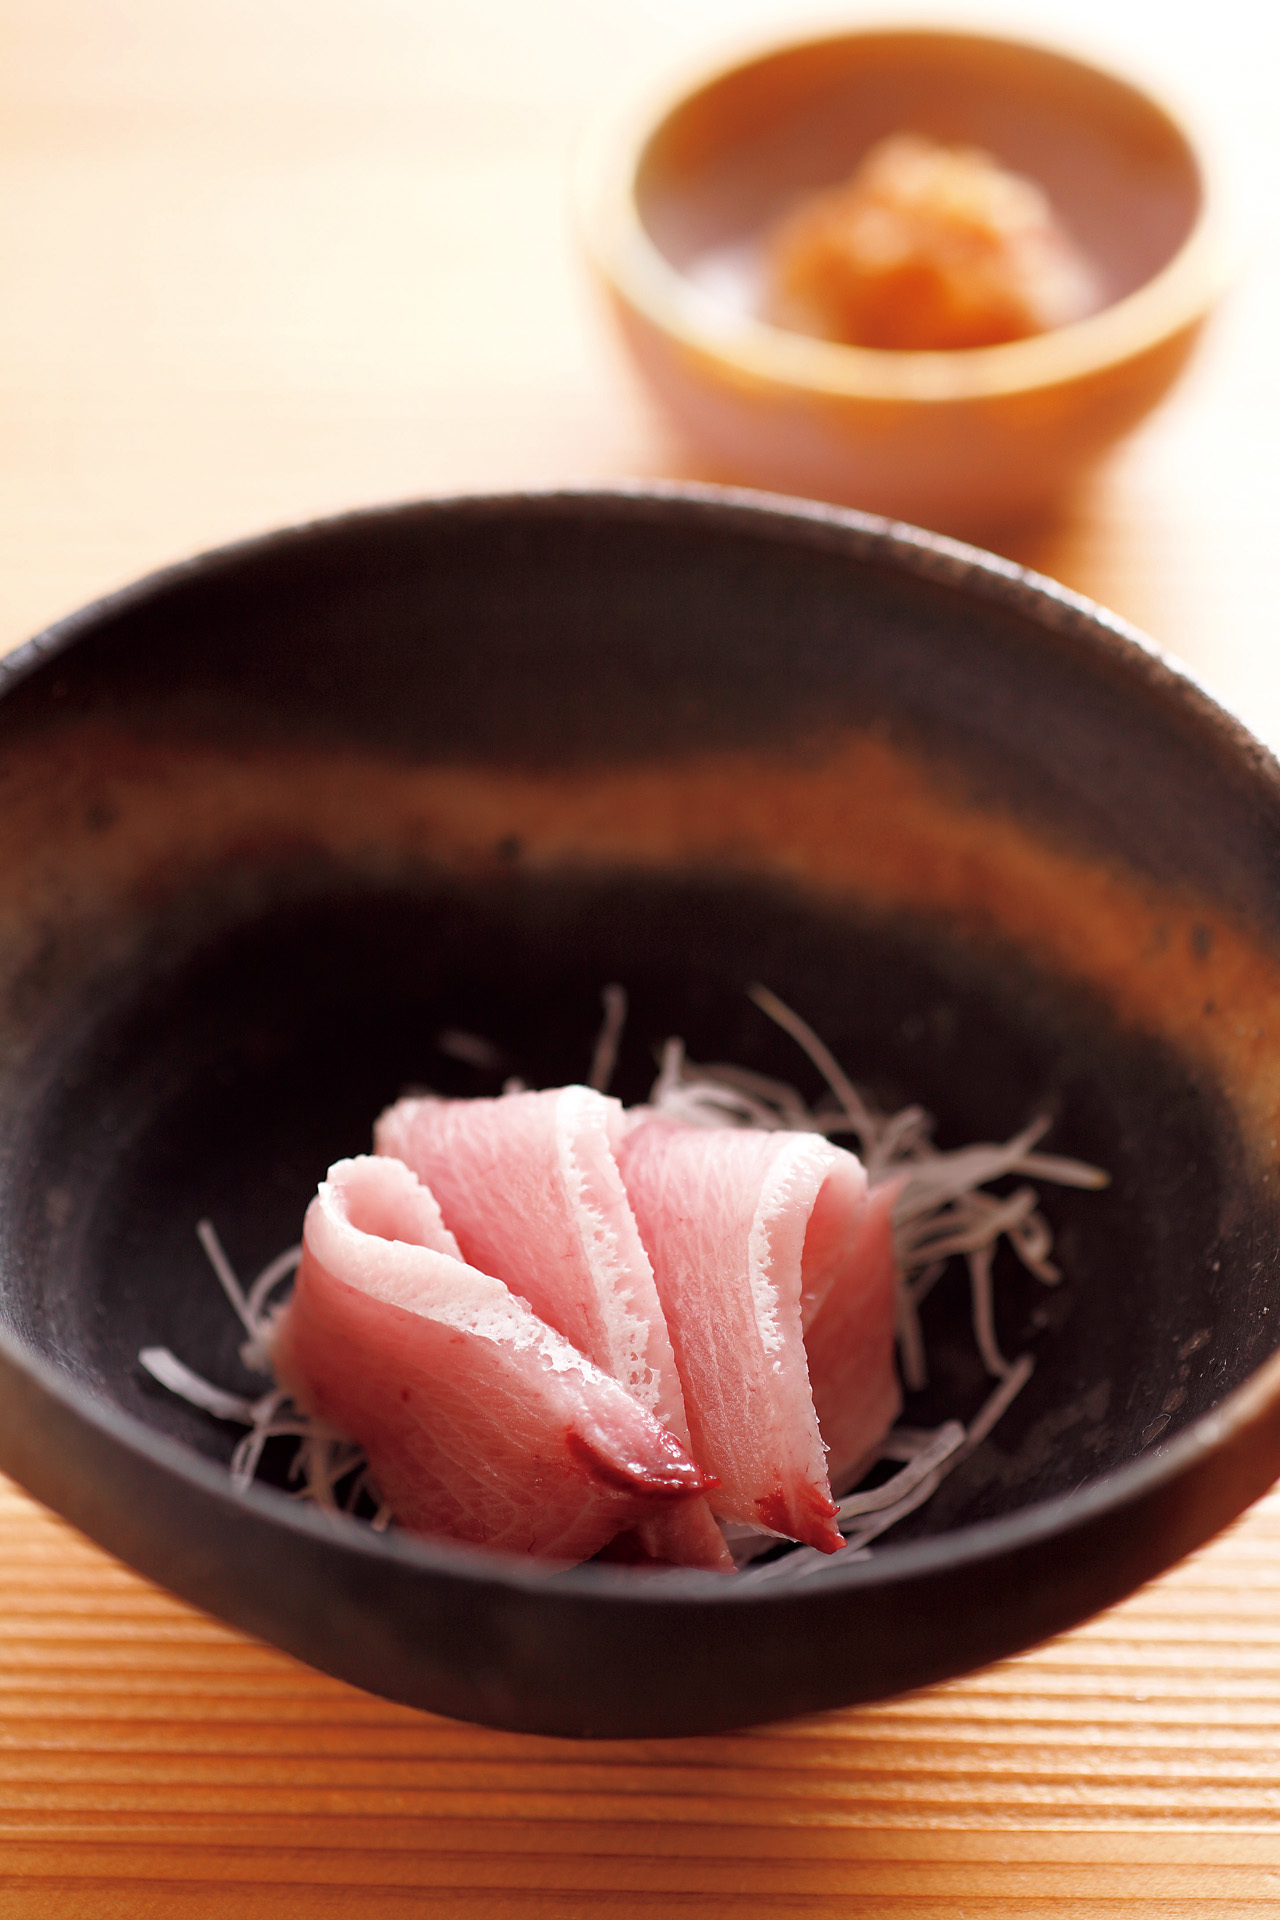 ご主人の人柄を感じる 優しい味わいの鮨 鮨 志の助 _1_3-2